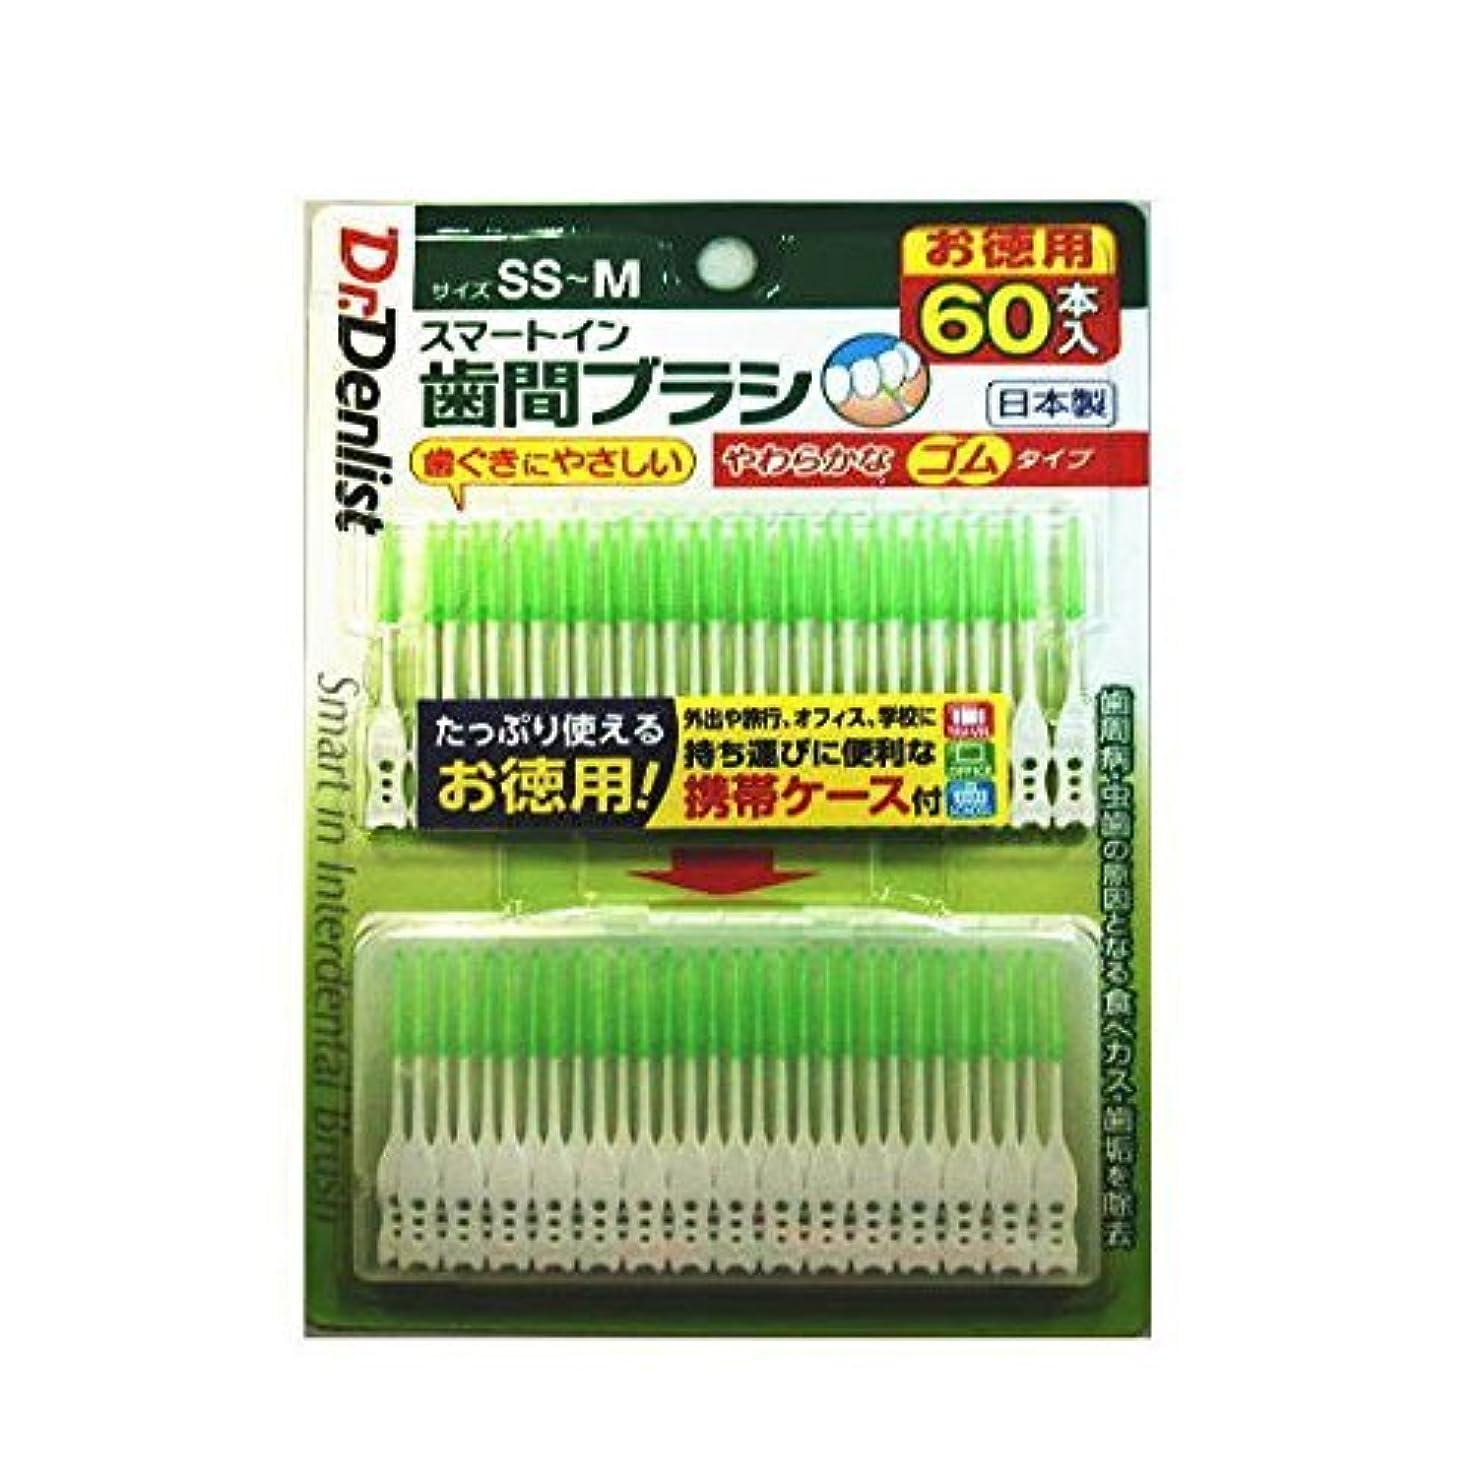 より良い兵器庫ガム歯間ブラシ スマートイン 60本入 お徳用 やわらかなゴムタイプ